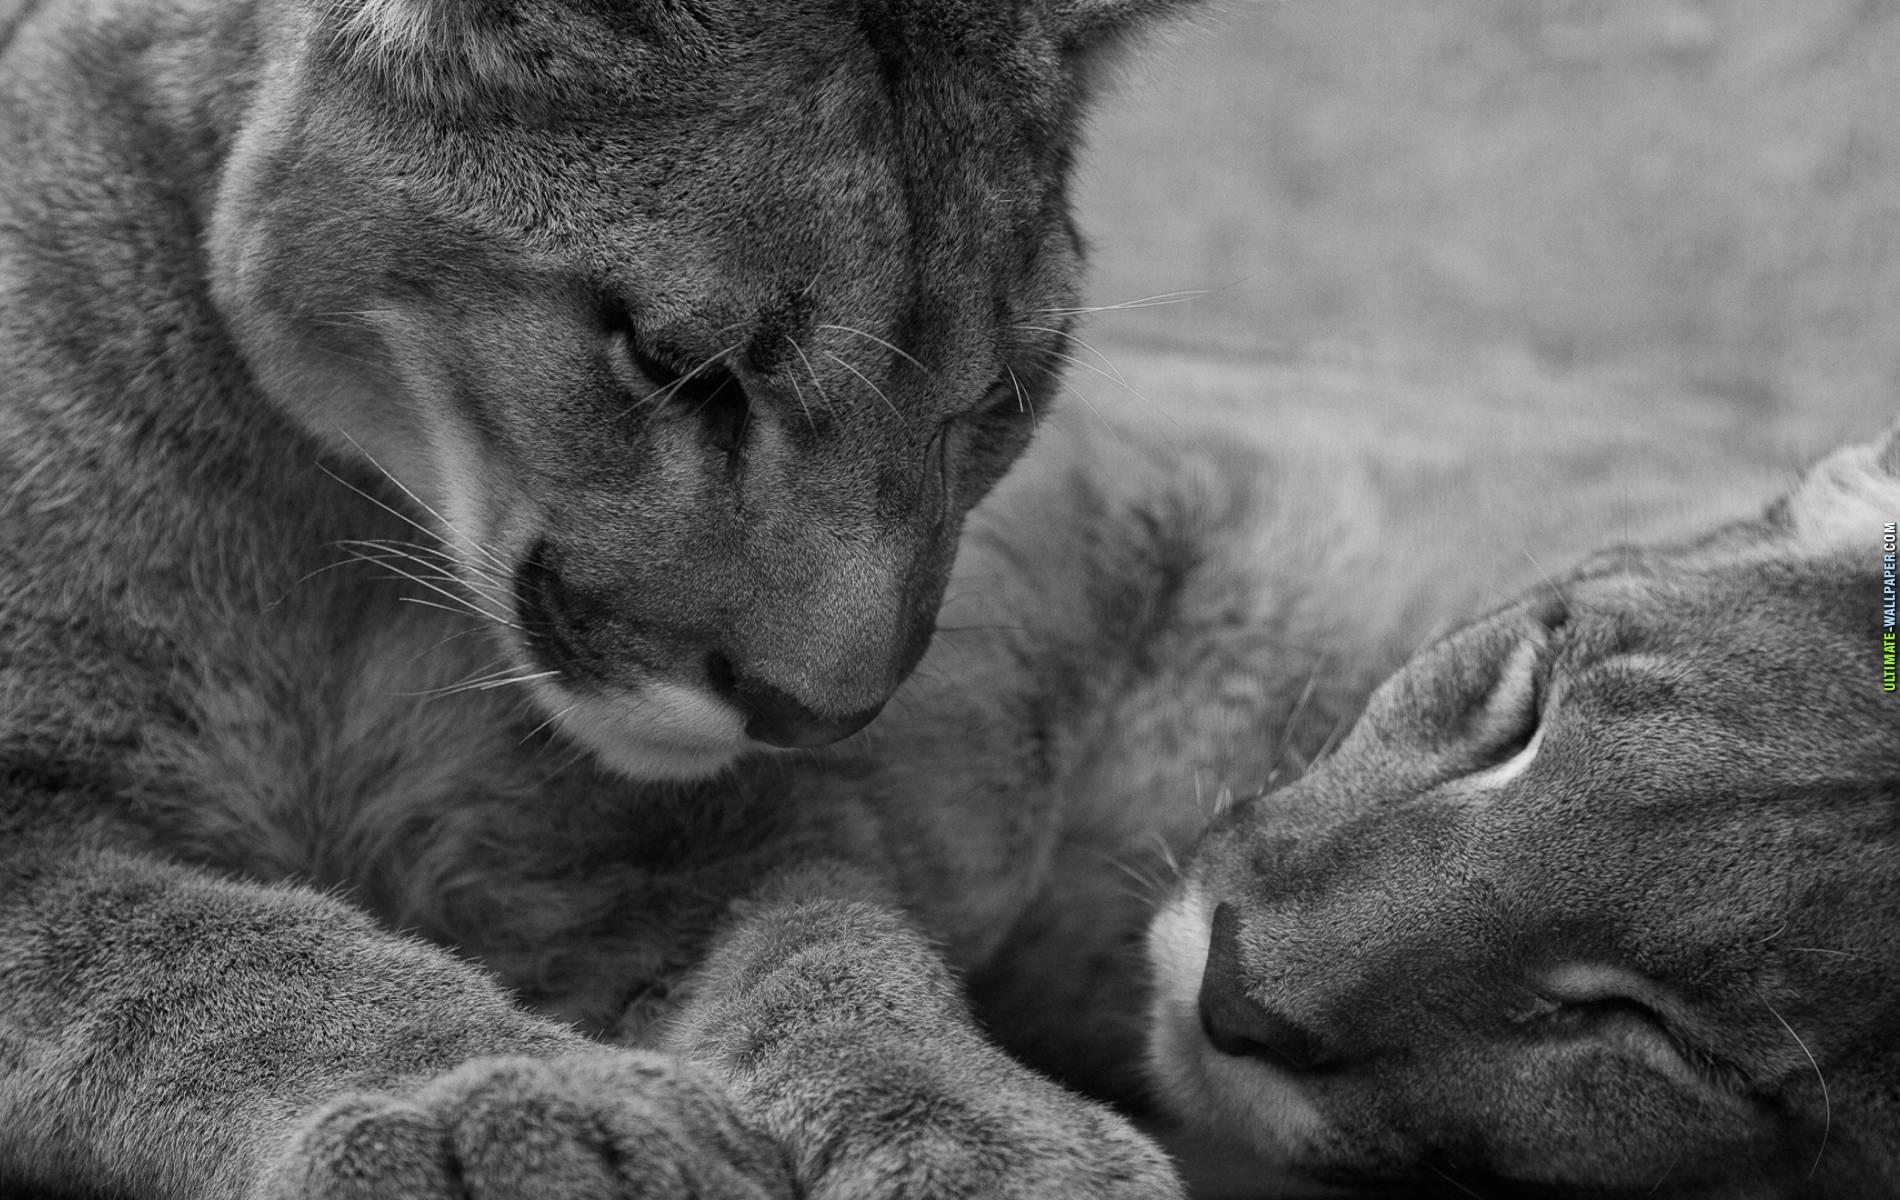 львы, черно-белое фото, скачать, фото львов